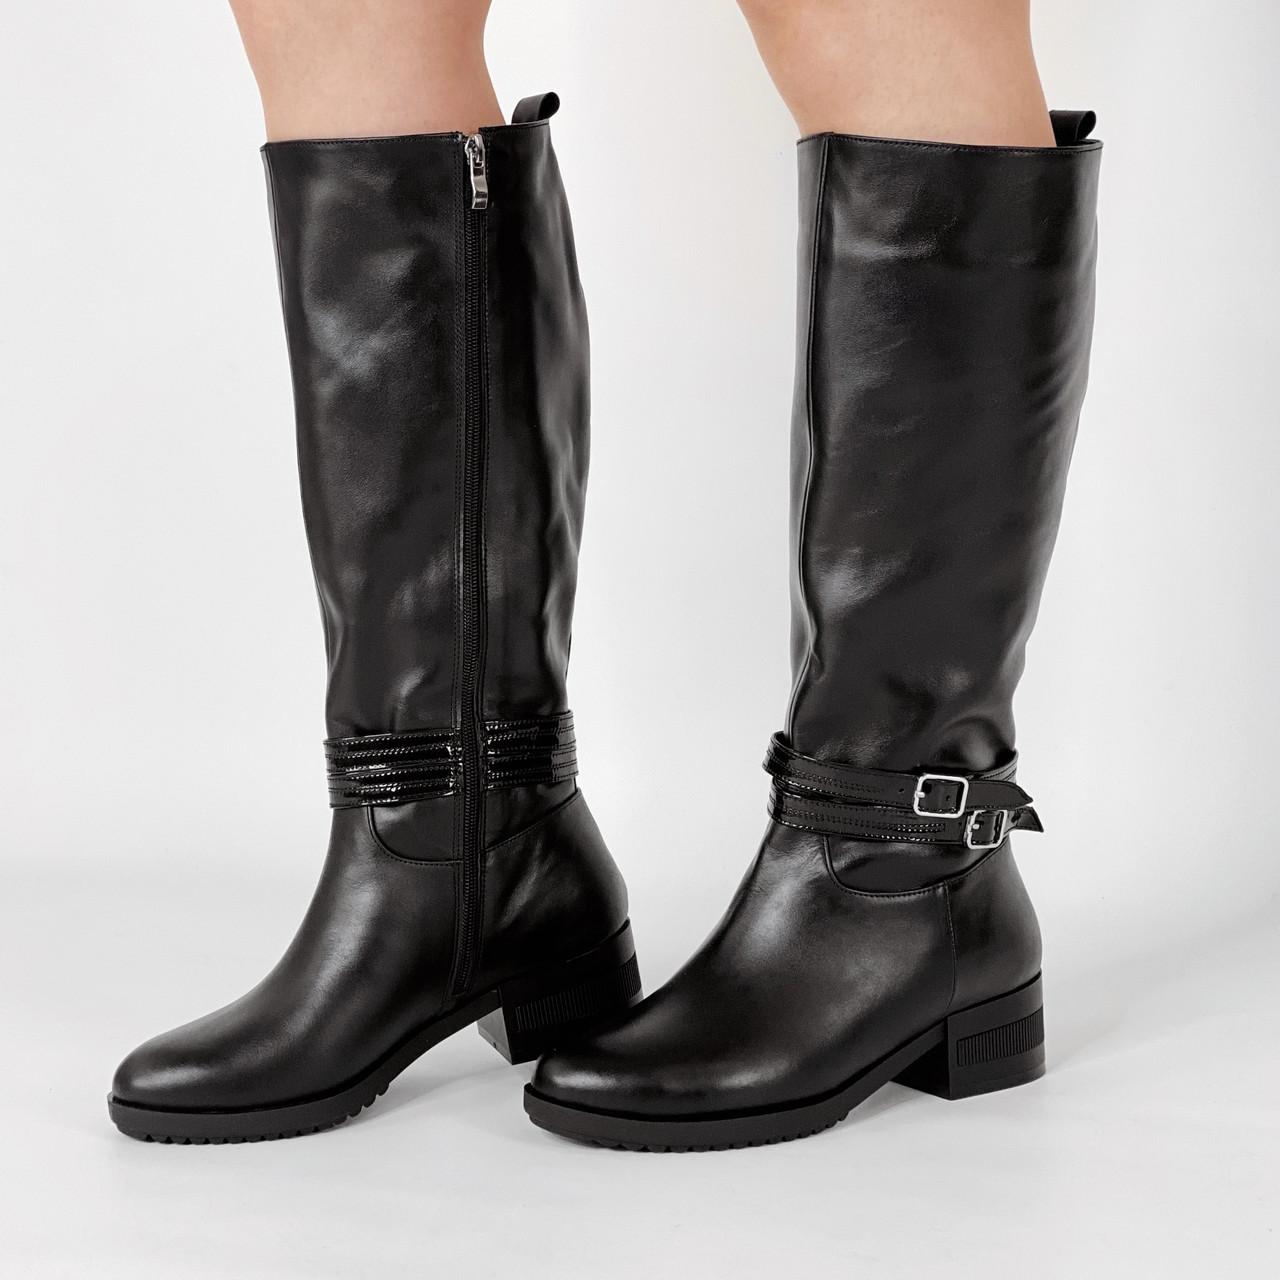 Сапоги женские кожаные черные на широкую голень на низком каблуке MORENTO зимние